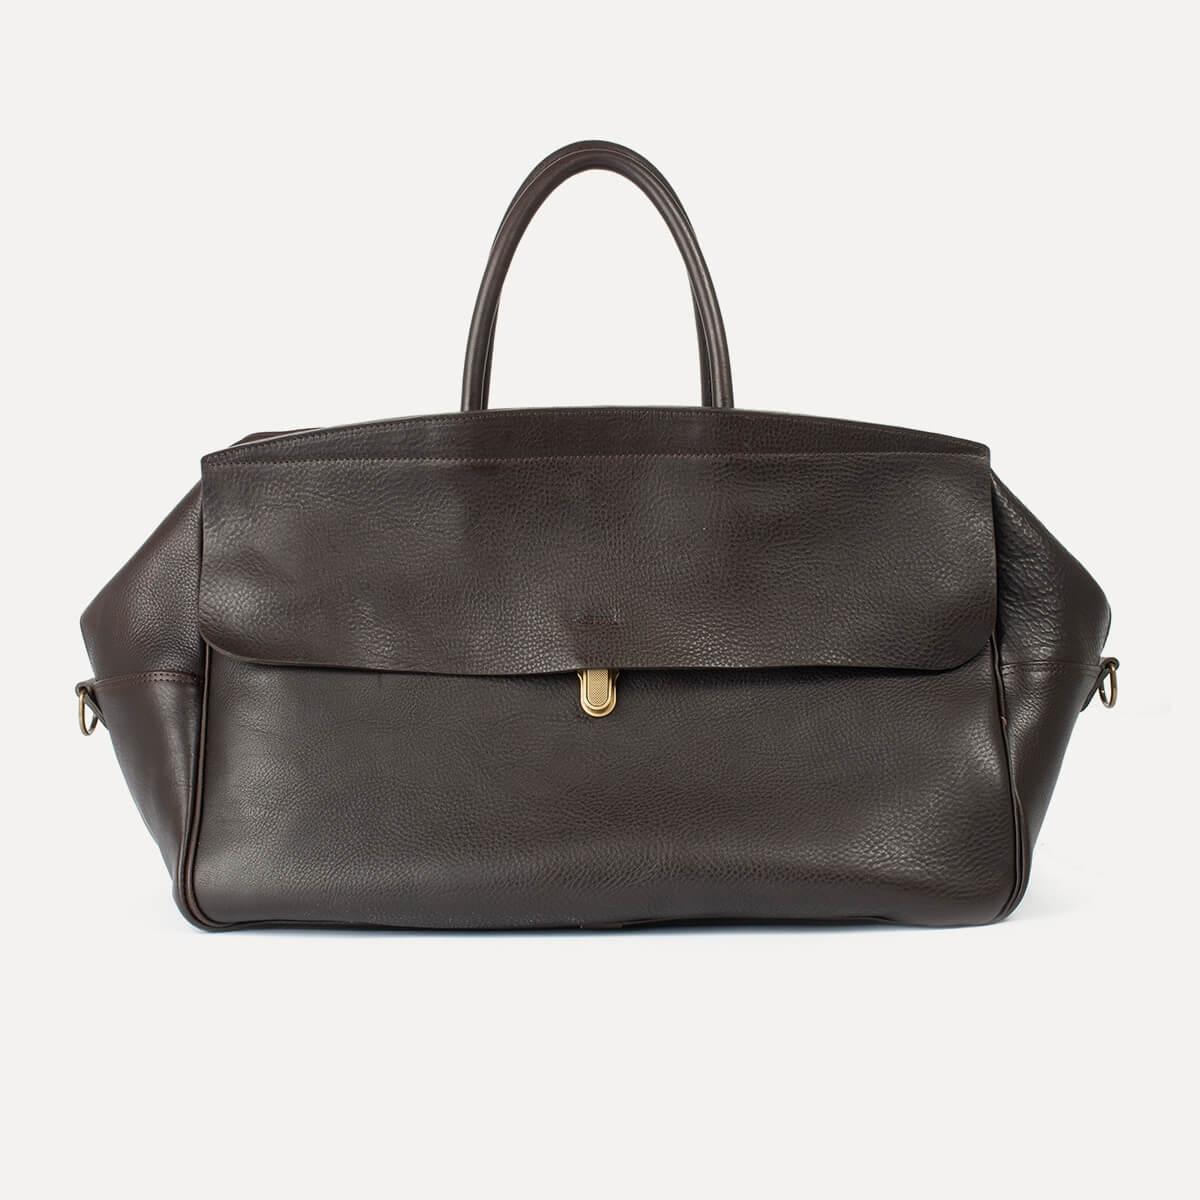 Gummo travel bag - Dark Brown / E Pure (image n°2)